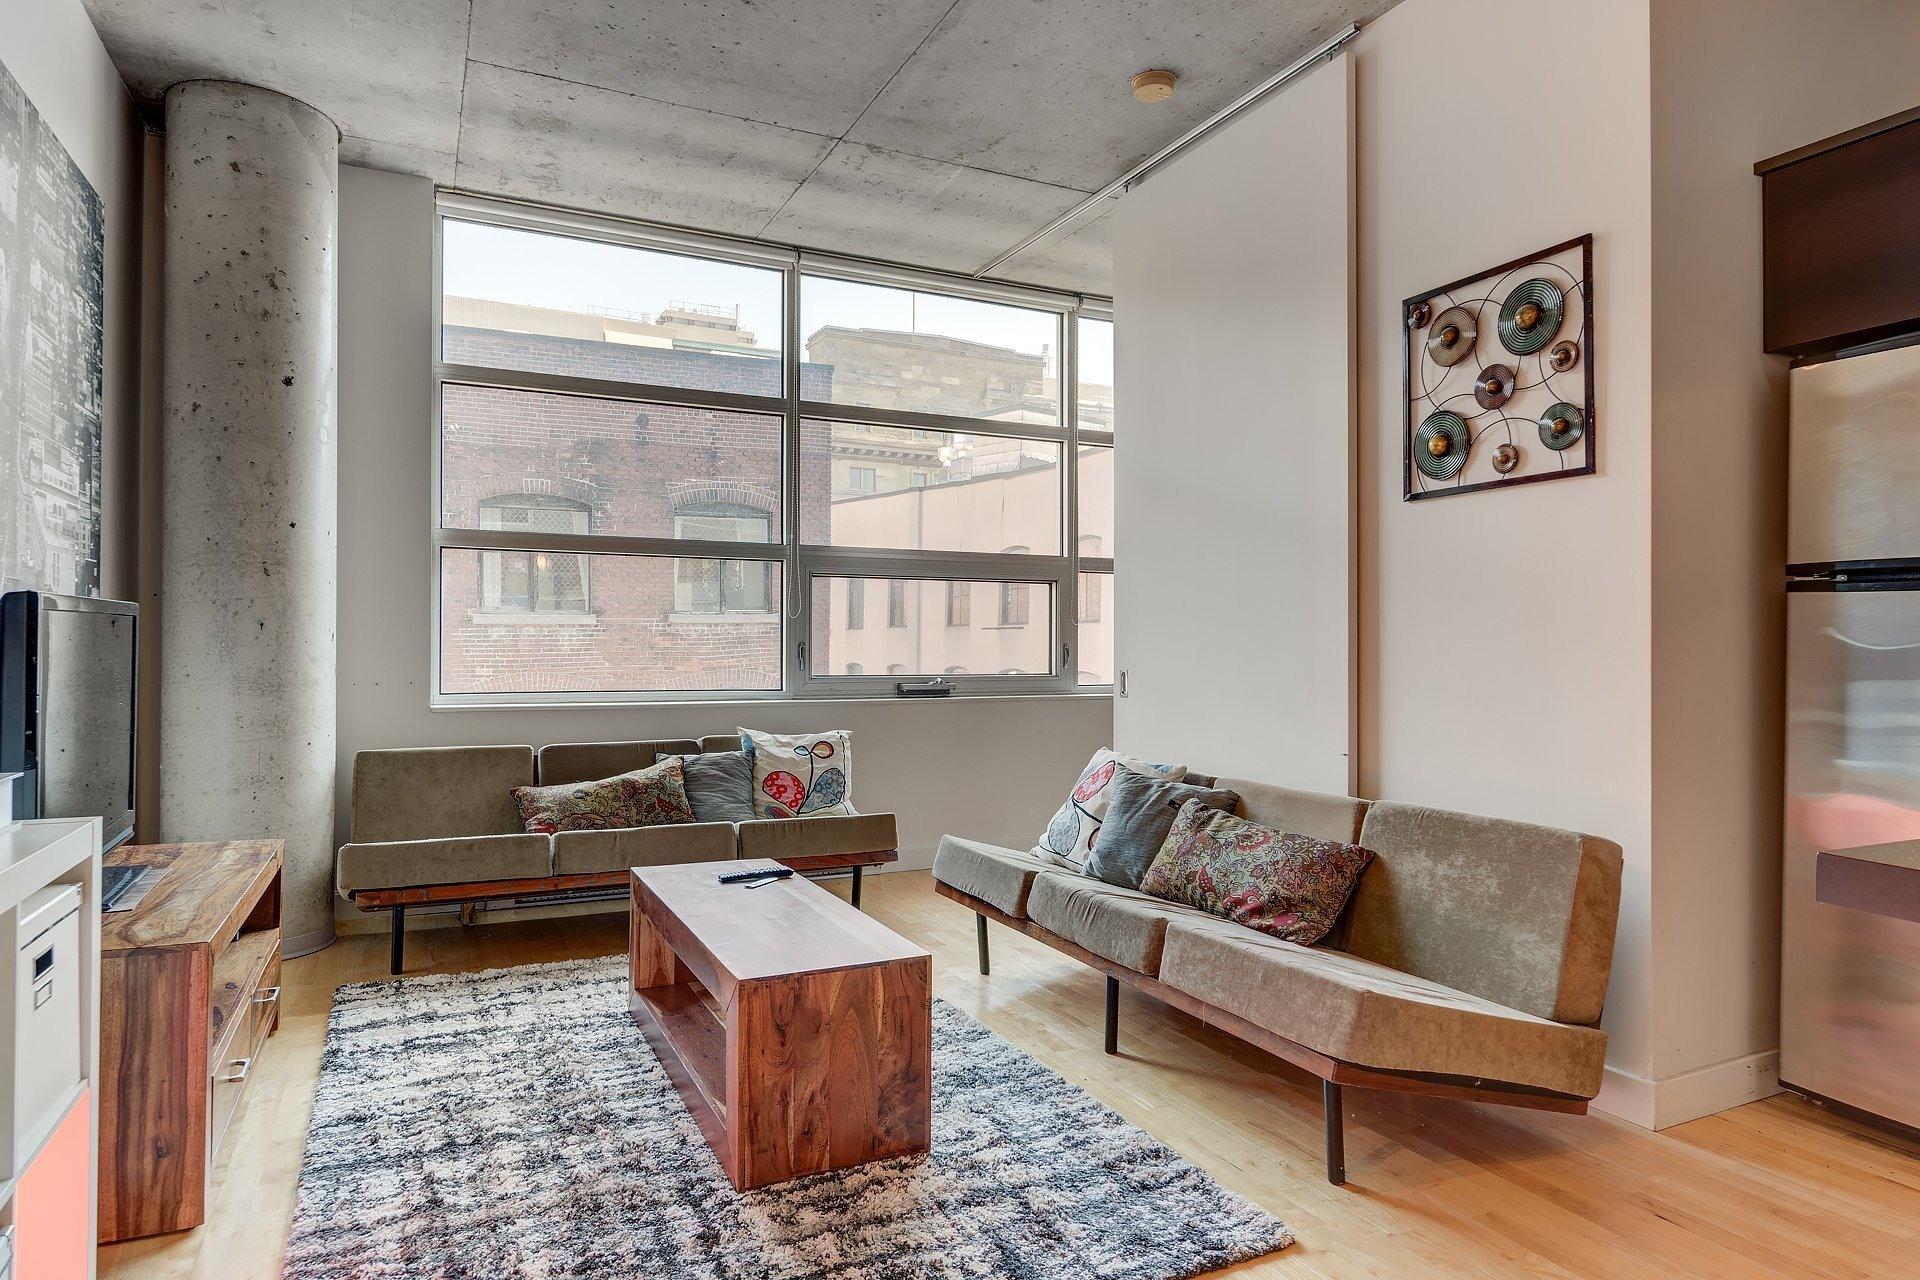 image 2 - Apartment For rent Ville-Marie Montréal  - 3 rooms